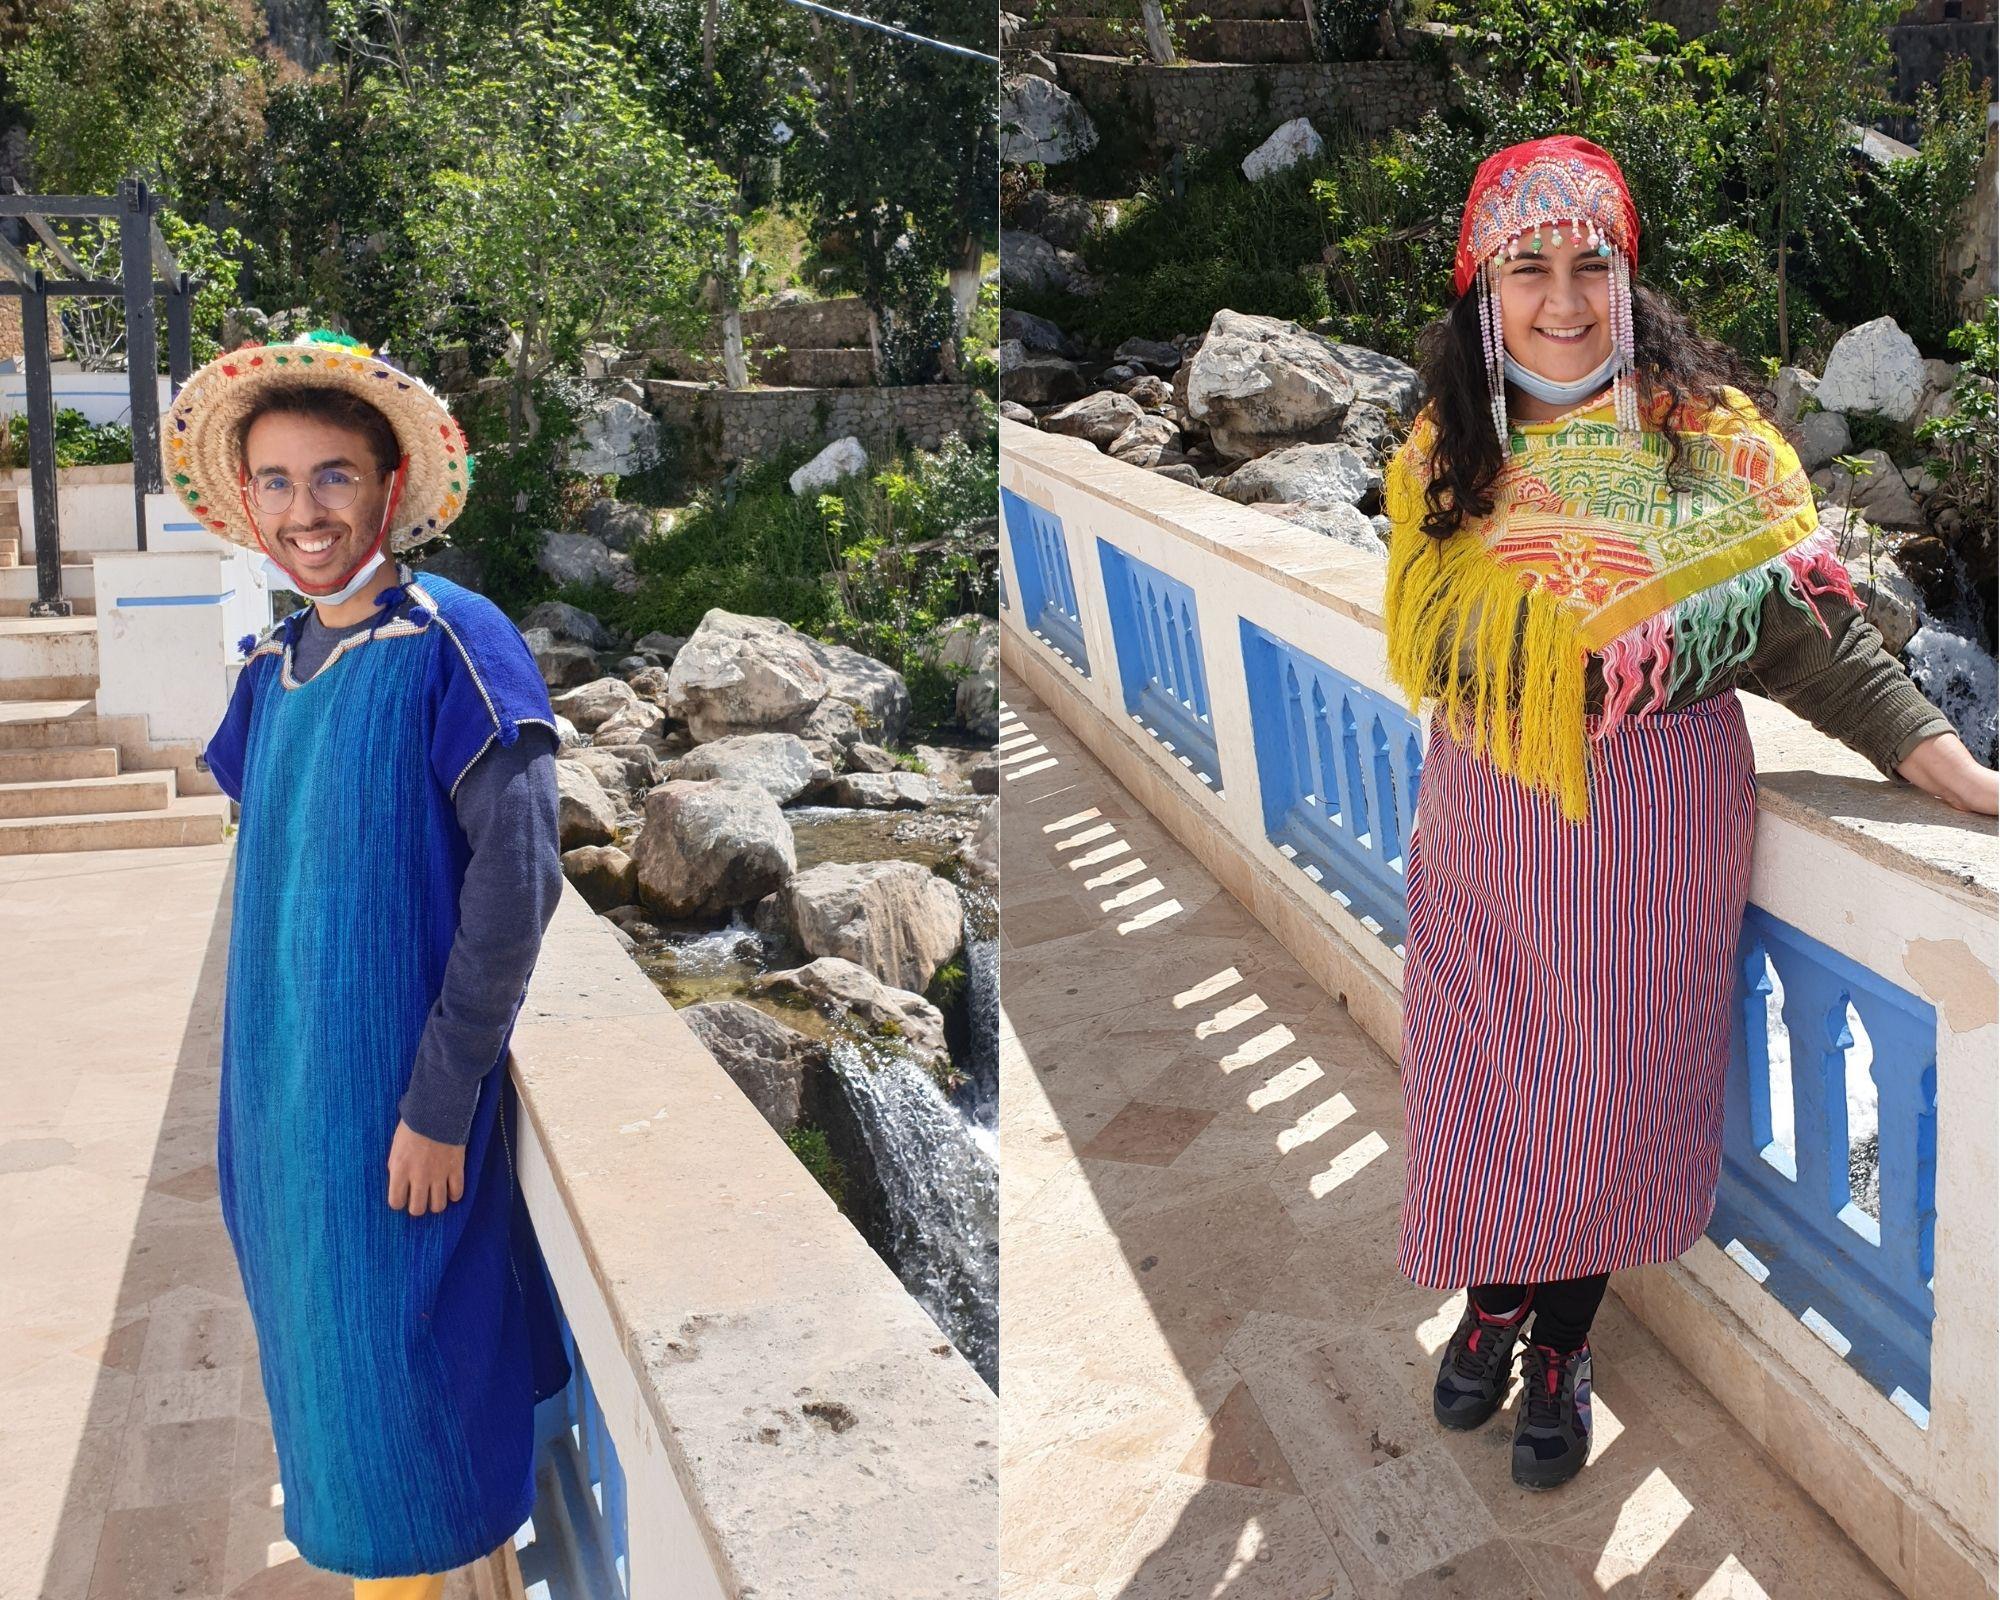 Sami (à gauche) et Sarah (à droite) portent les habits traditionnels du Nord du Maroc